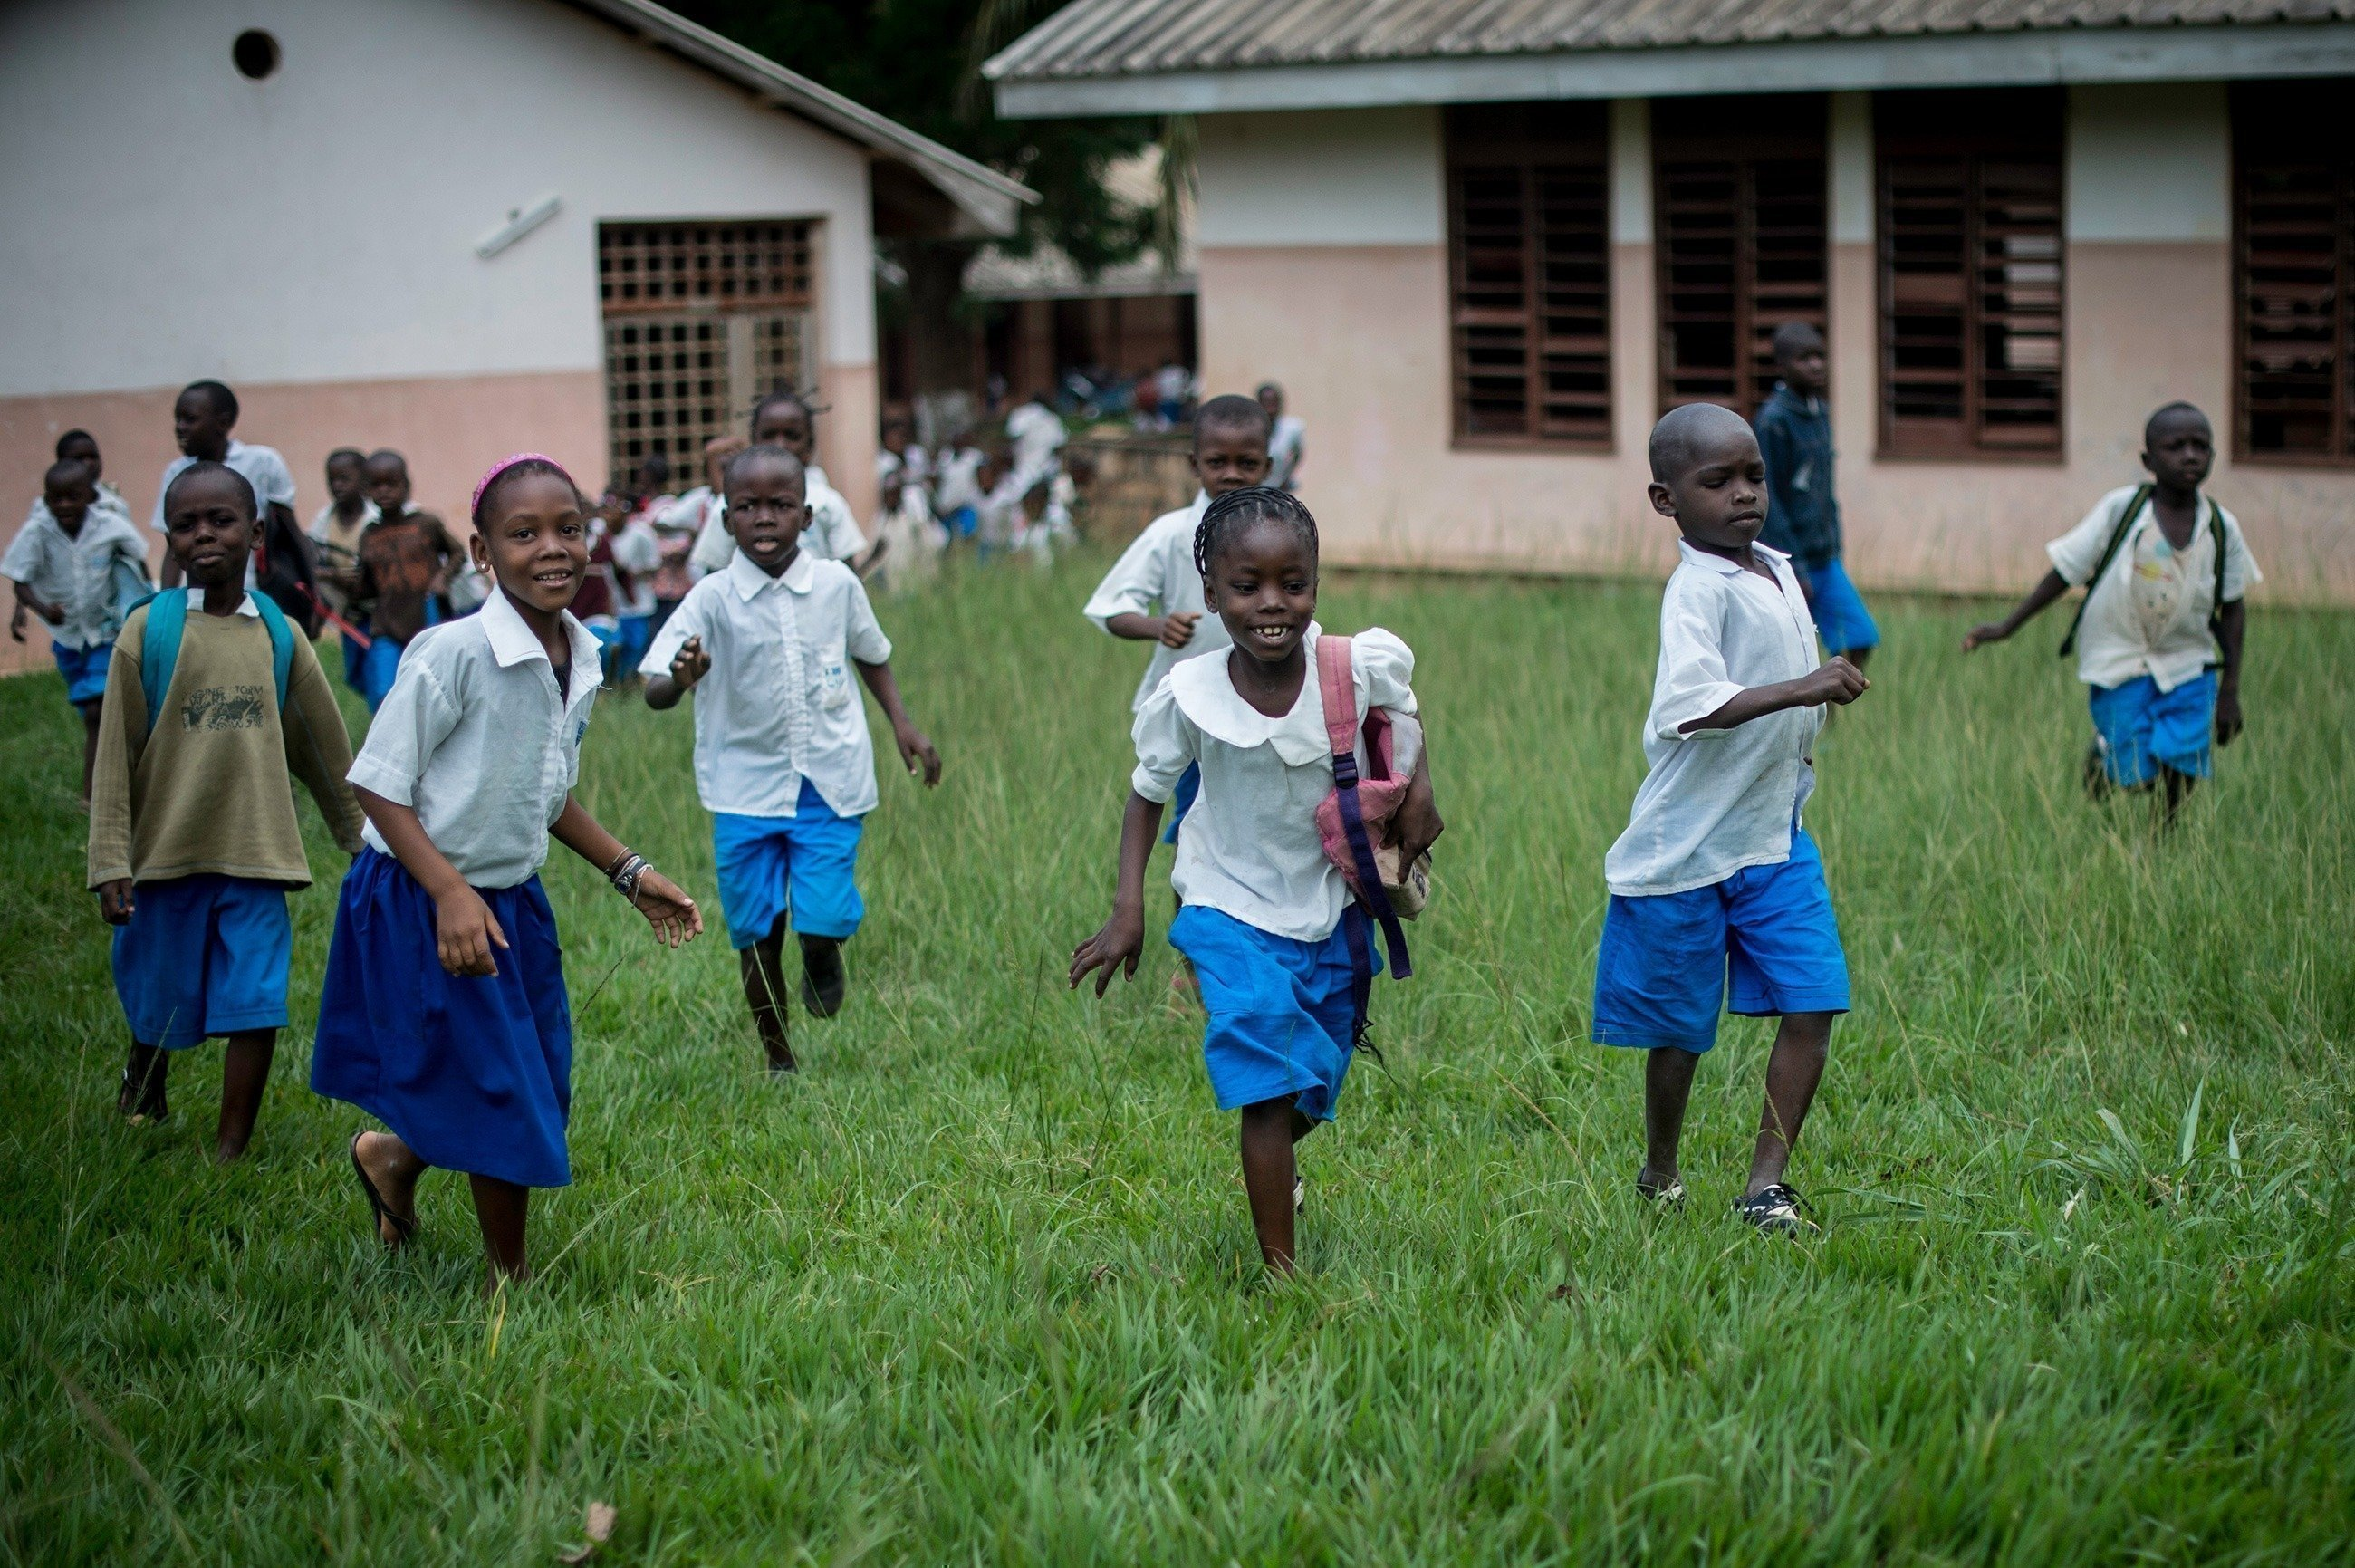 Kinder rennen nach Schulschluss aus der Schule raus.